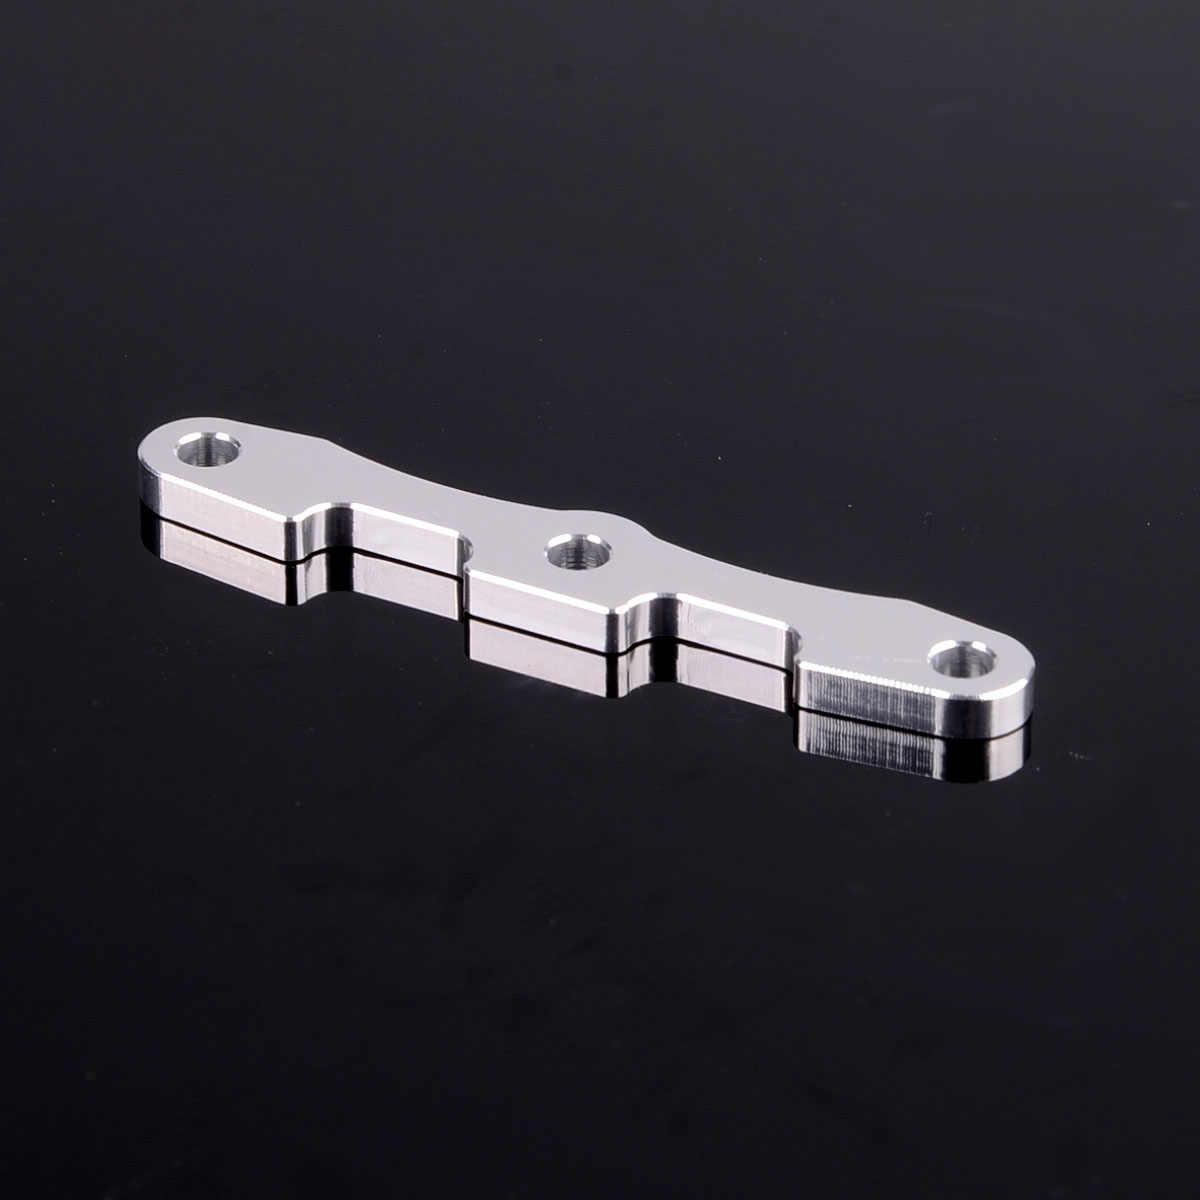 アップグレード合金リアアームブレース 1 pc SLA004 ため RC-TRAXXAS 1/10 モデルスラッシュ 4x4